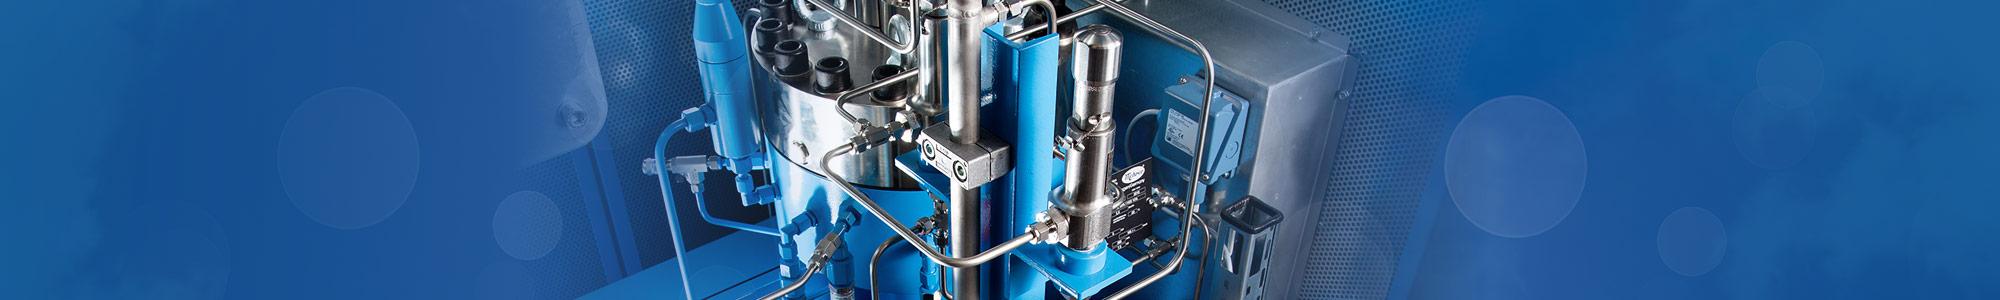 Process compressors